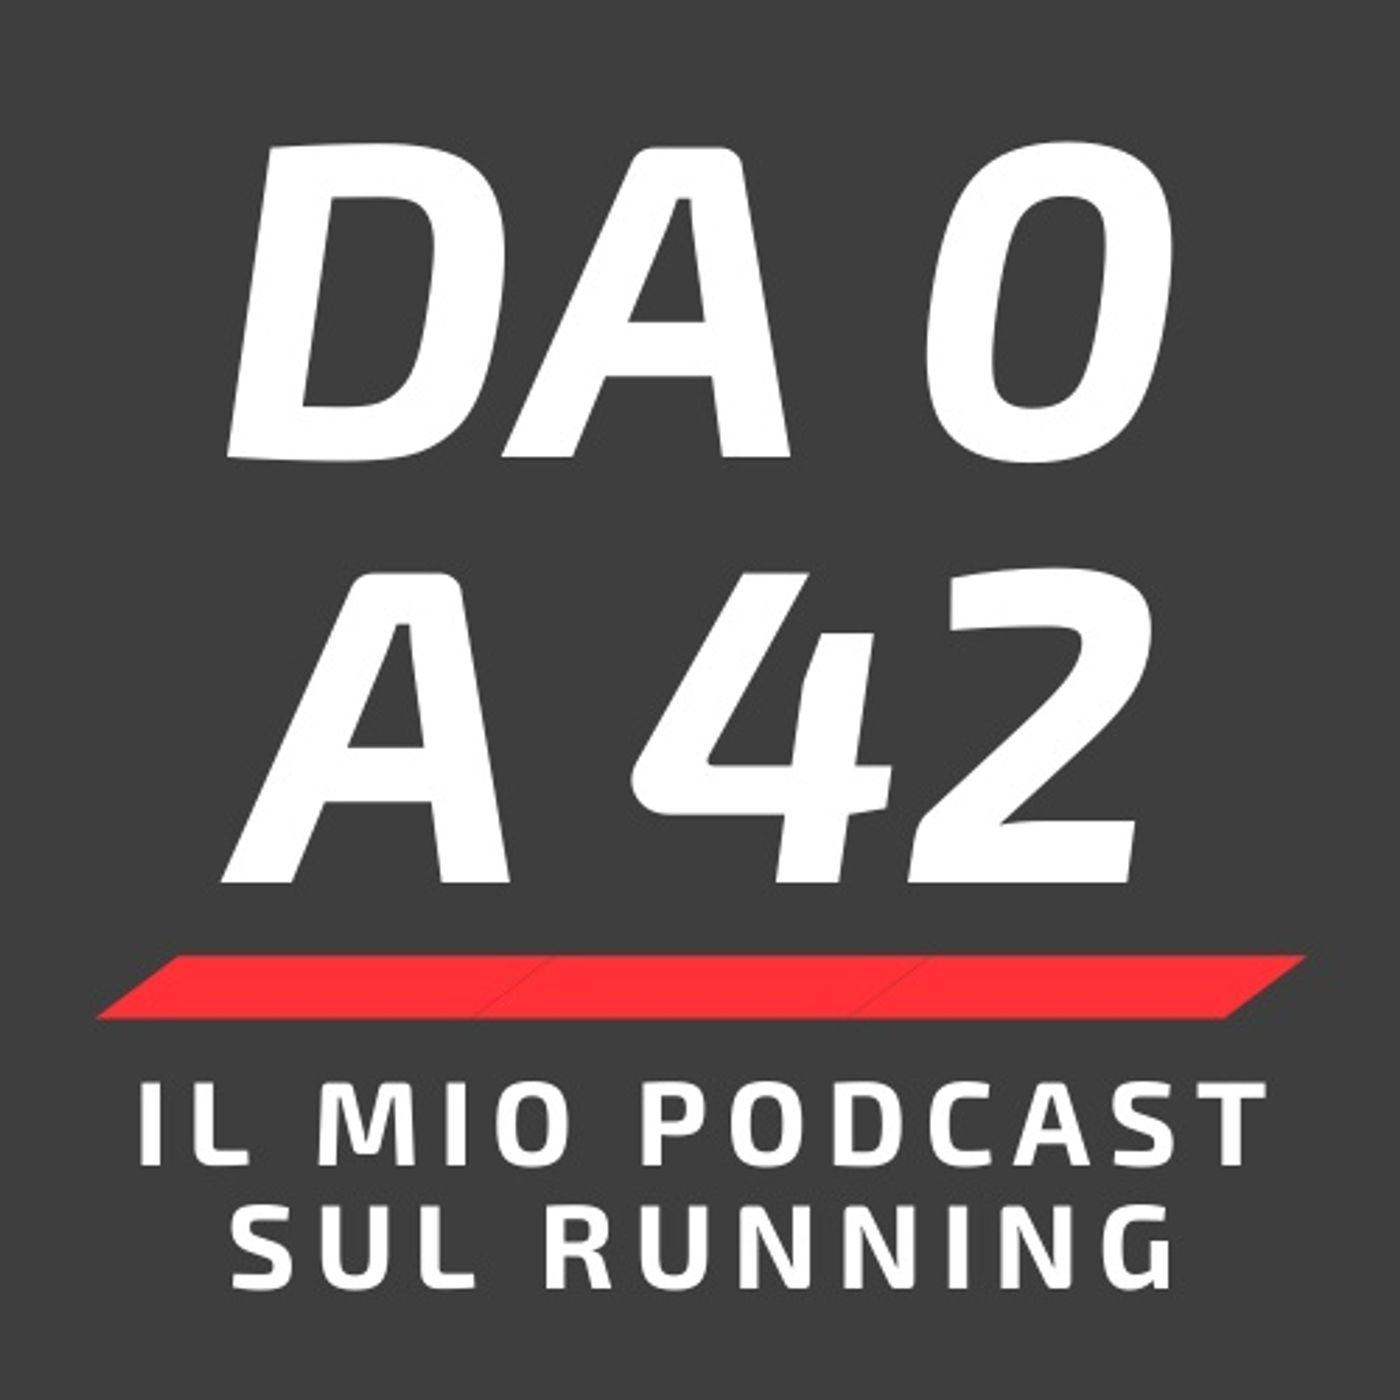 Libri sul running: Corri verso il benessere, di Ignazio Antonacci